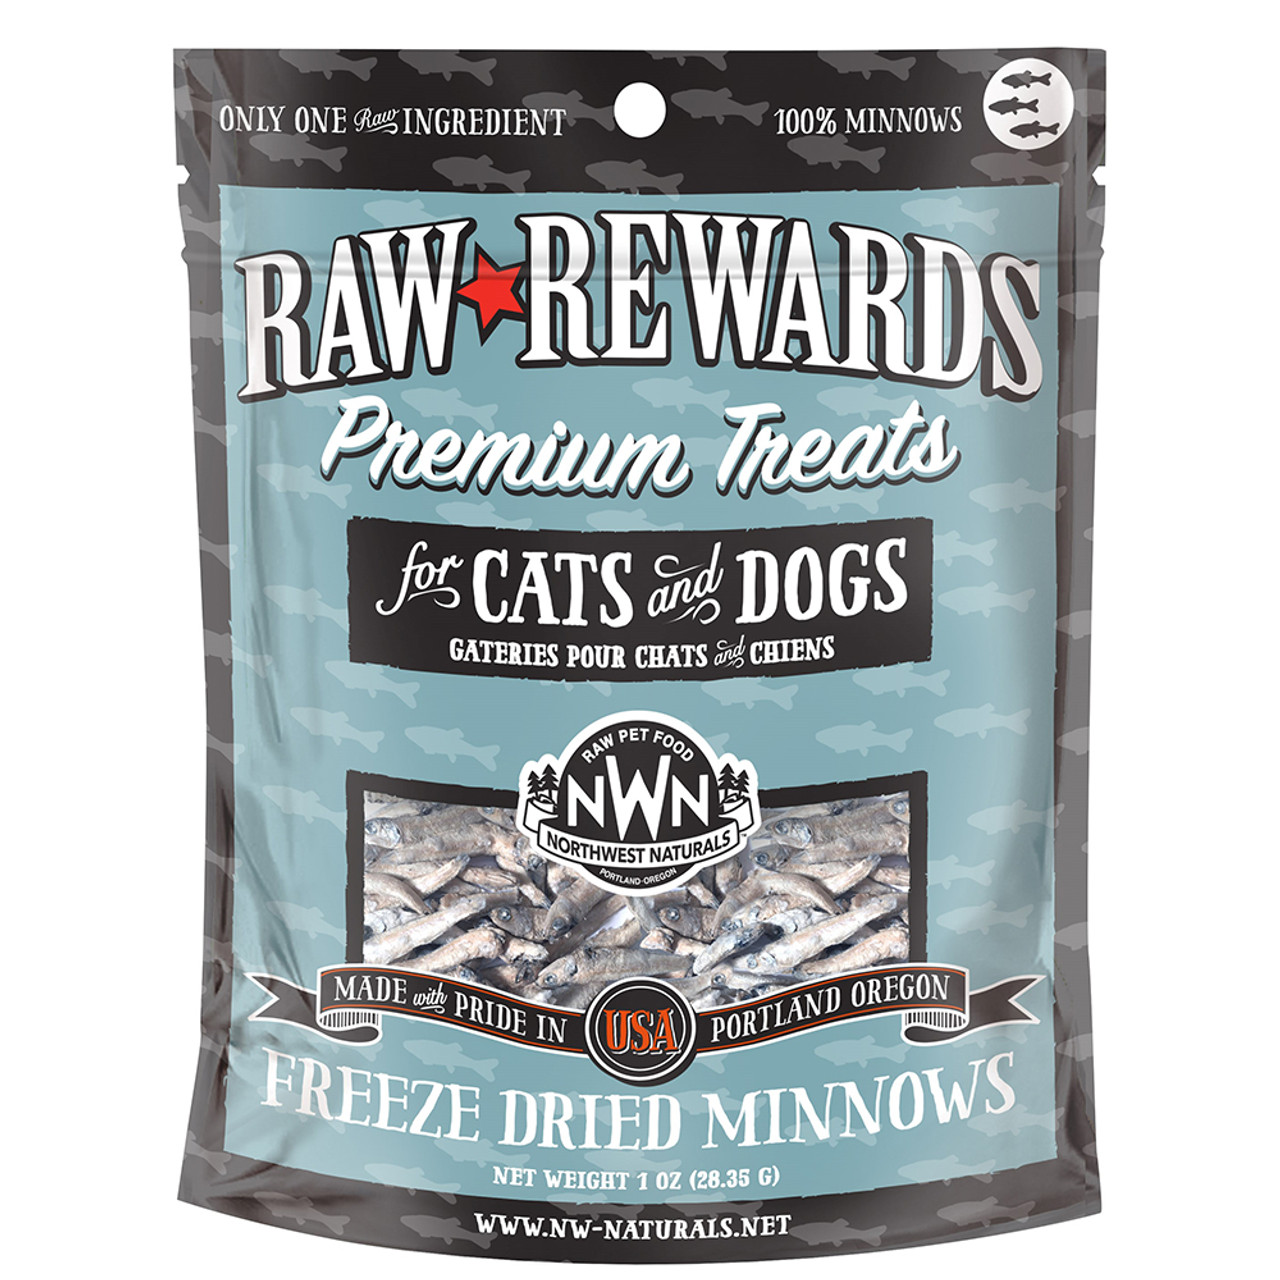 Raw Rewards Freeze Dried Minnows Cat & Dog Treats